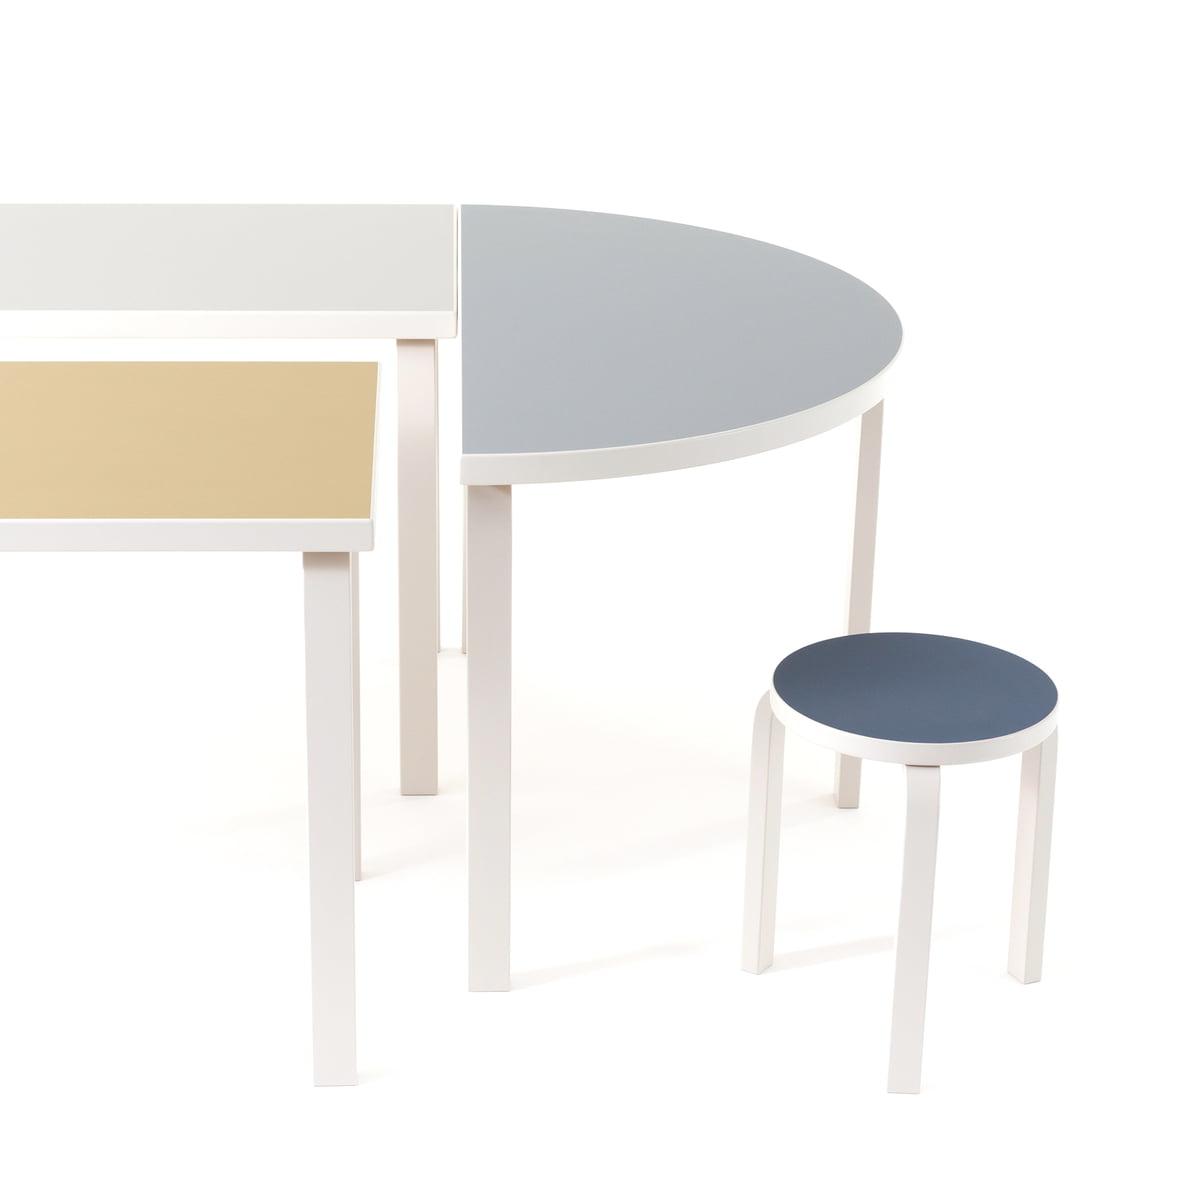 95 tisch von artek. Black Bedroom Furniture Sets. Home Design Ideas